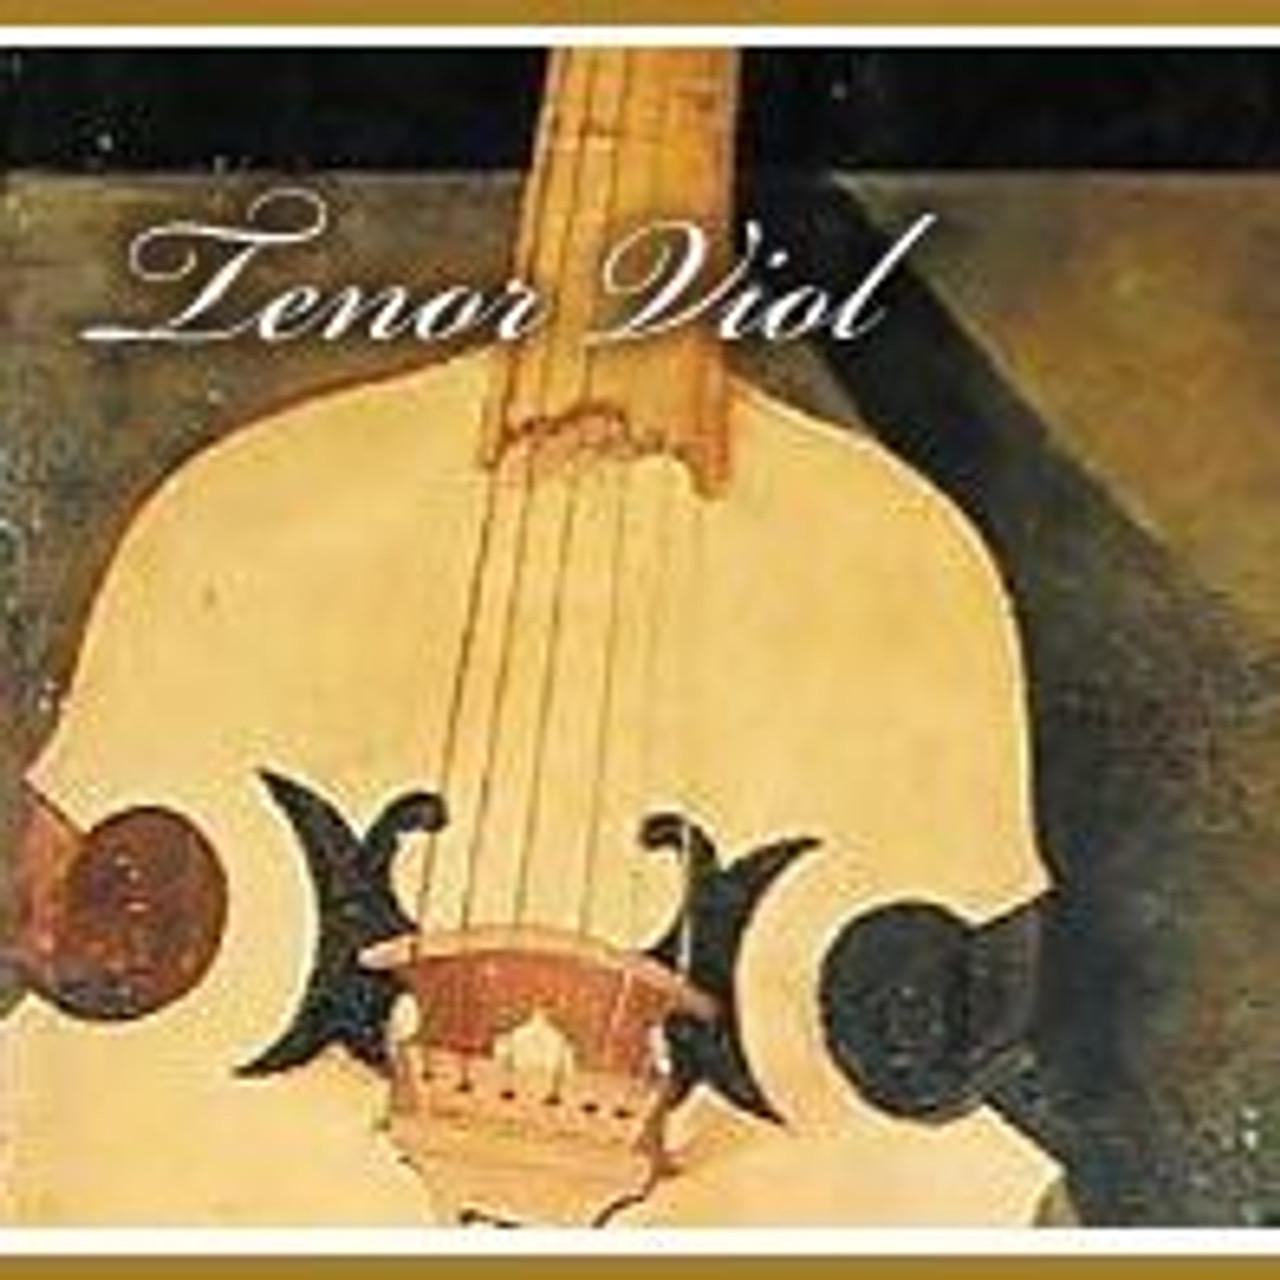 Tenor Viol String Club